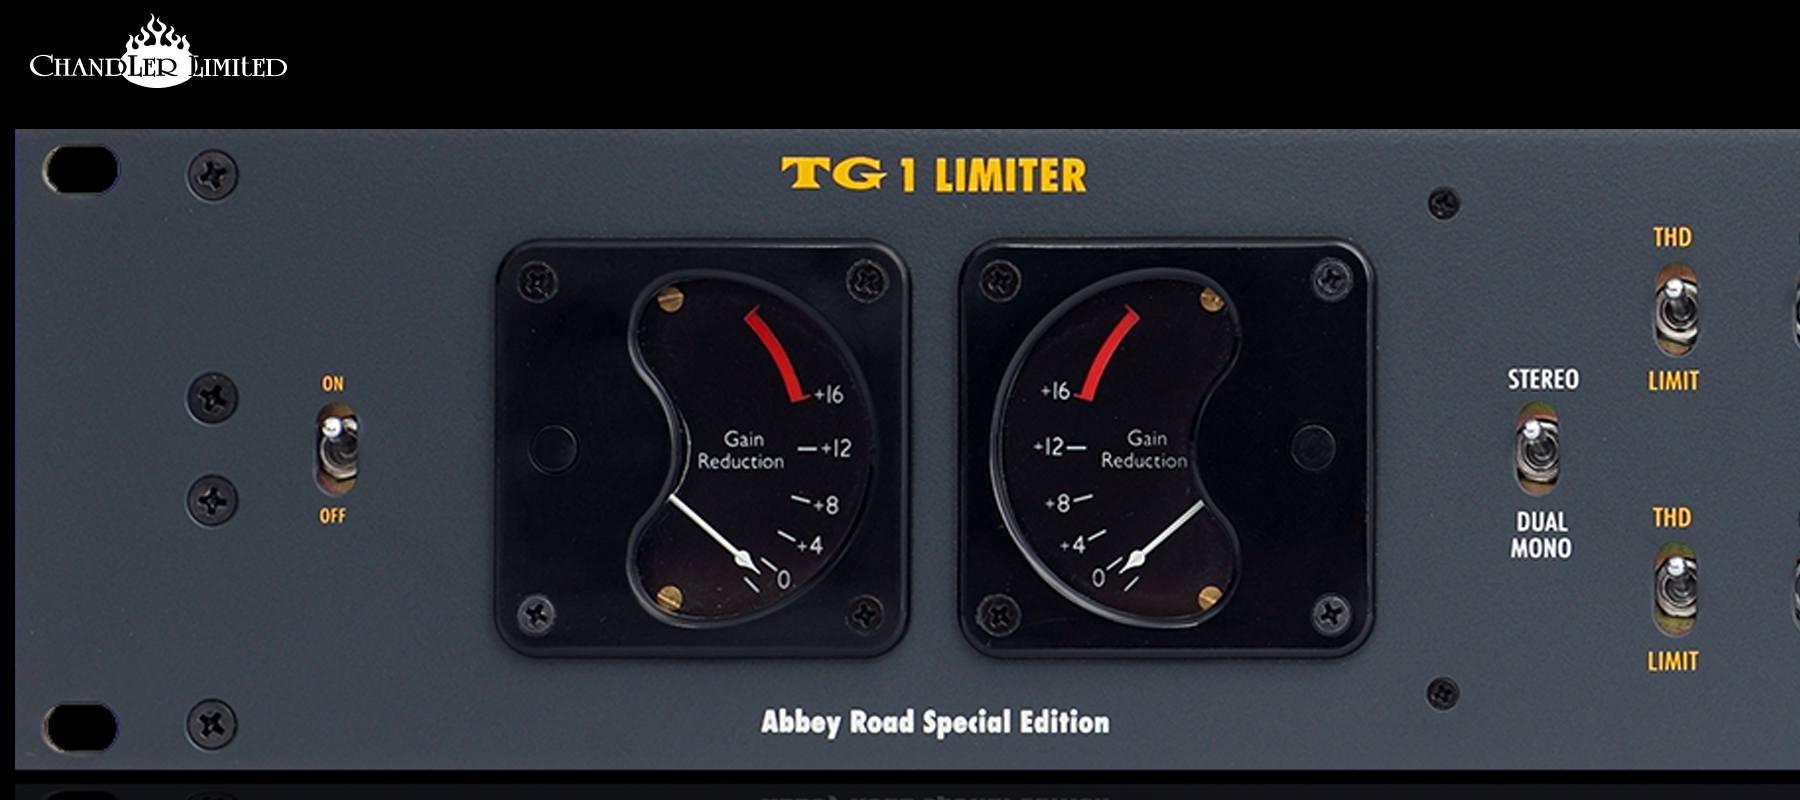 Chandler Limited TG1 Limiter